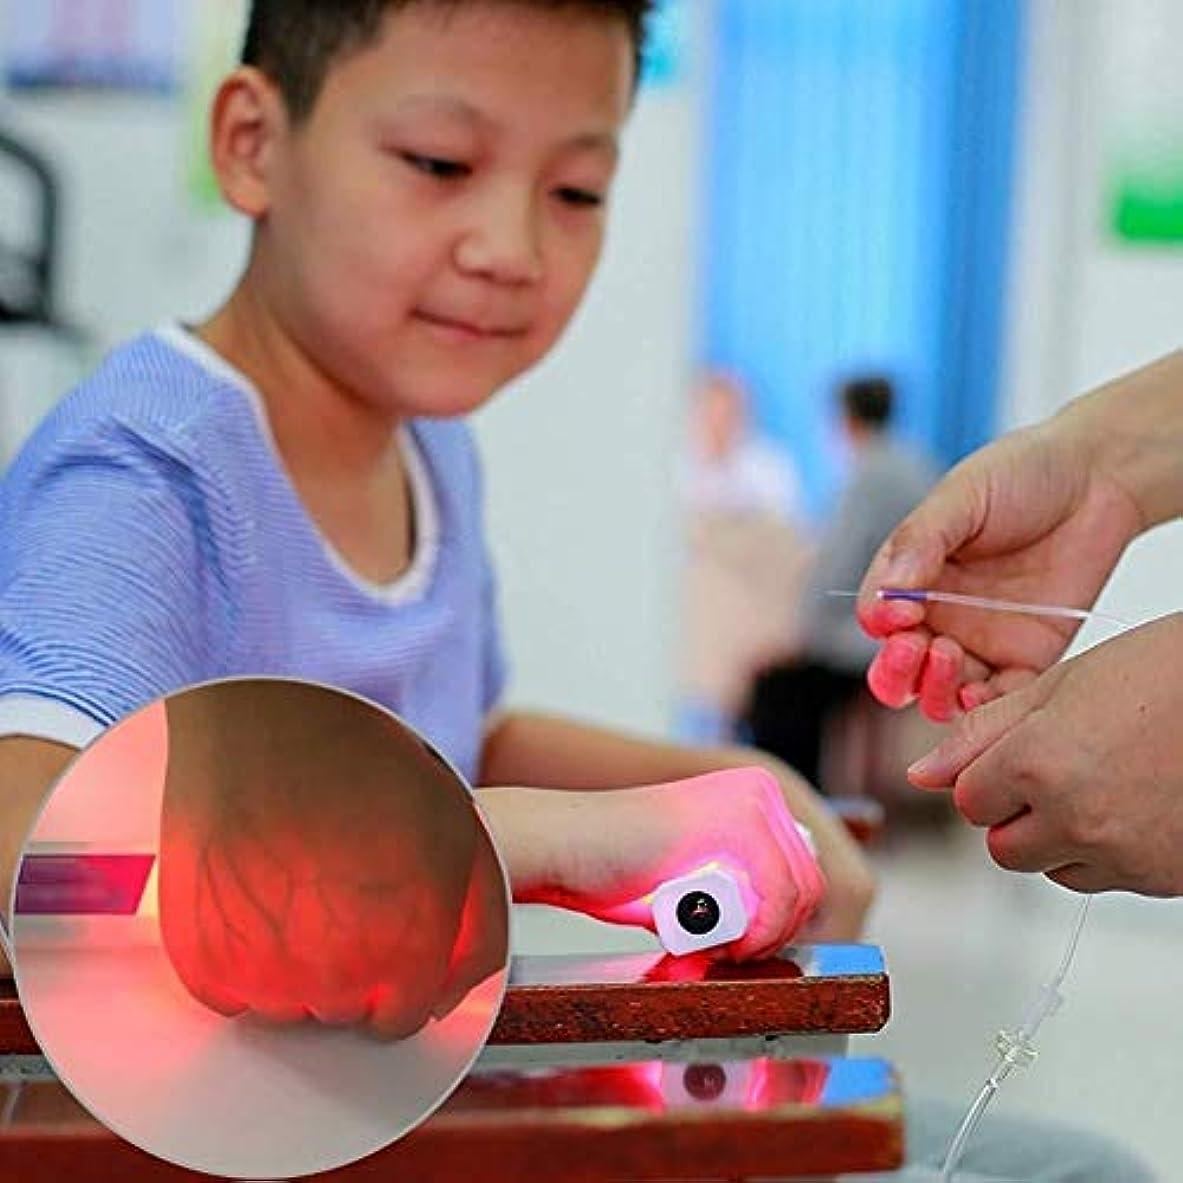 赤外線静脈ファインダービューアーポータブル医療赤外線静脈ロケーター照明可視化ライト検出器看護師医師Ph血